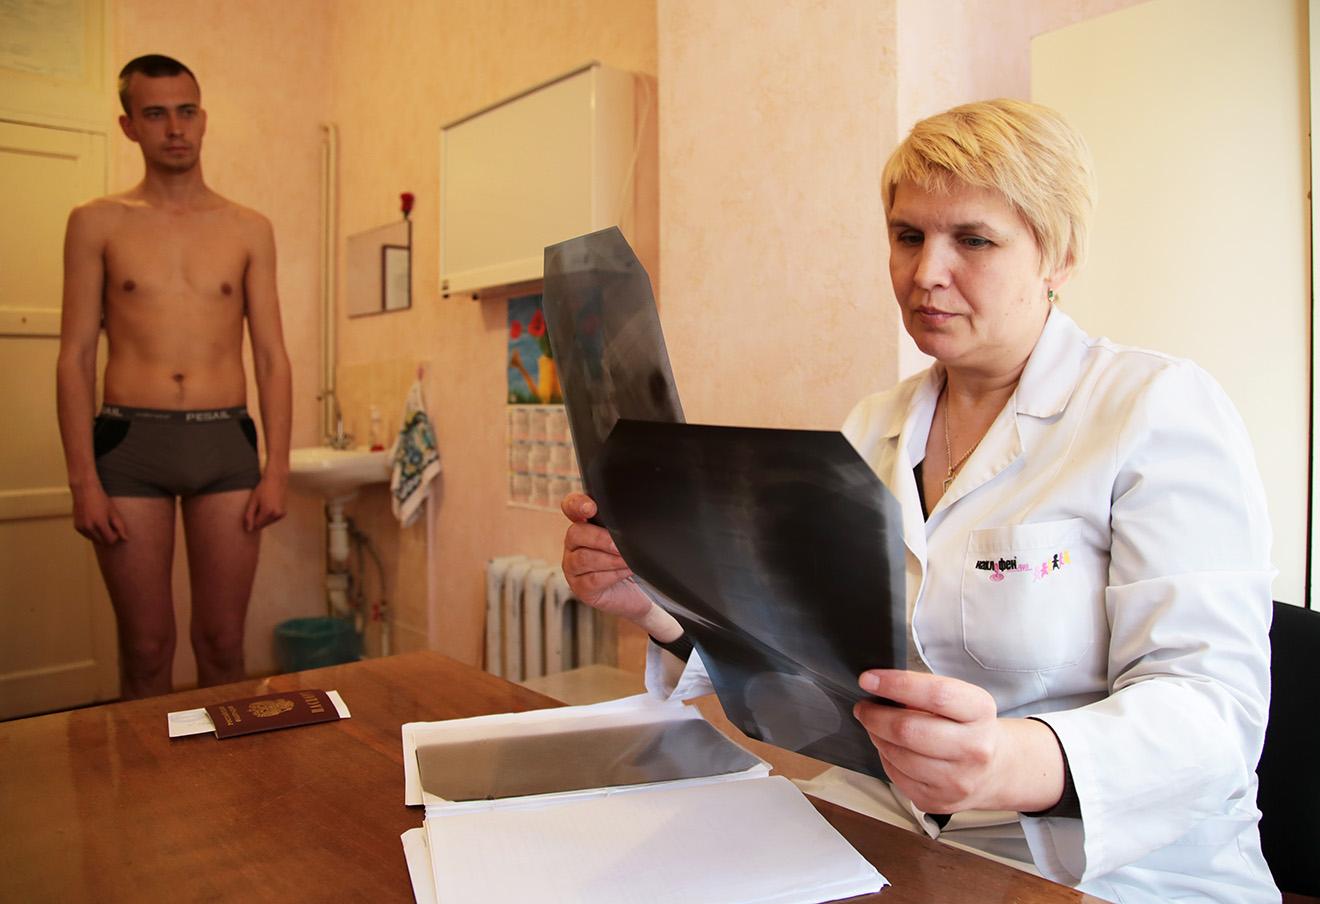 Призывник во время прохождения медицинской комиссии. Фото: Александр Карпушкин / ТАСС